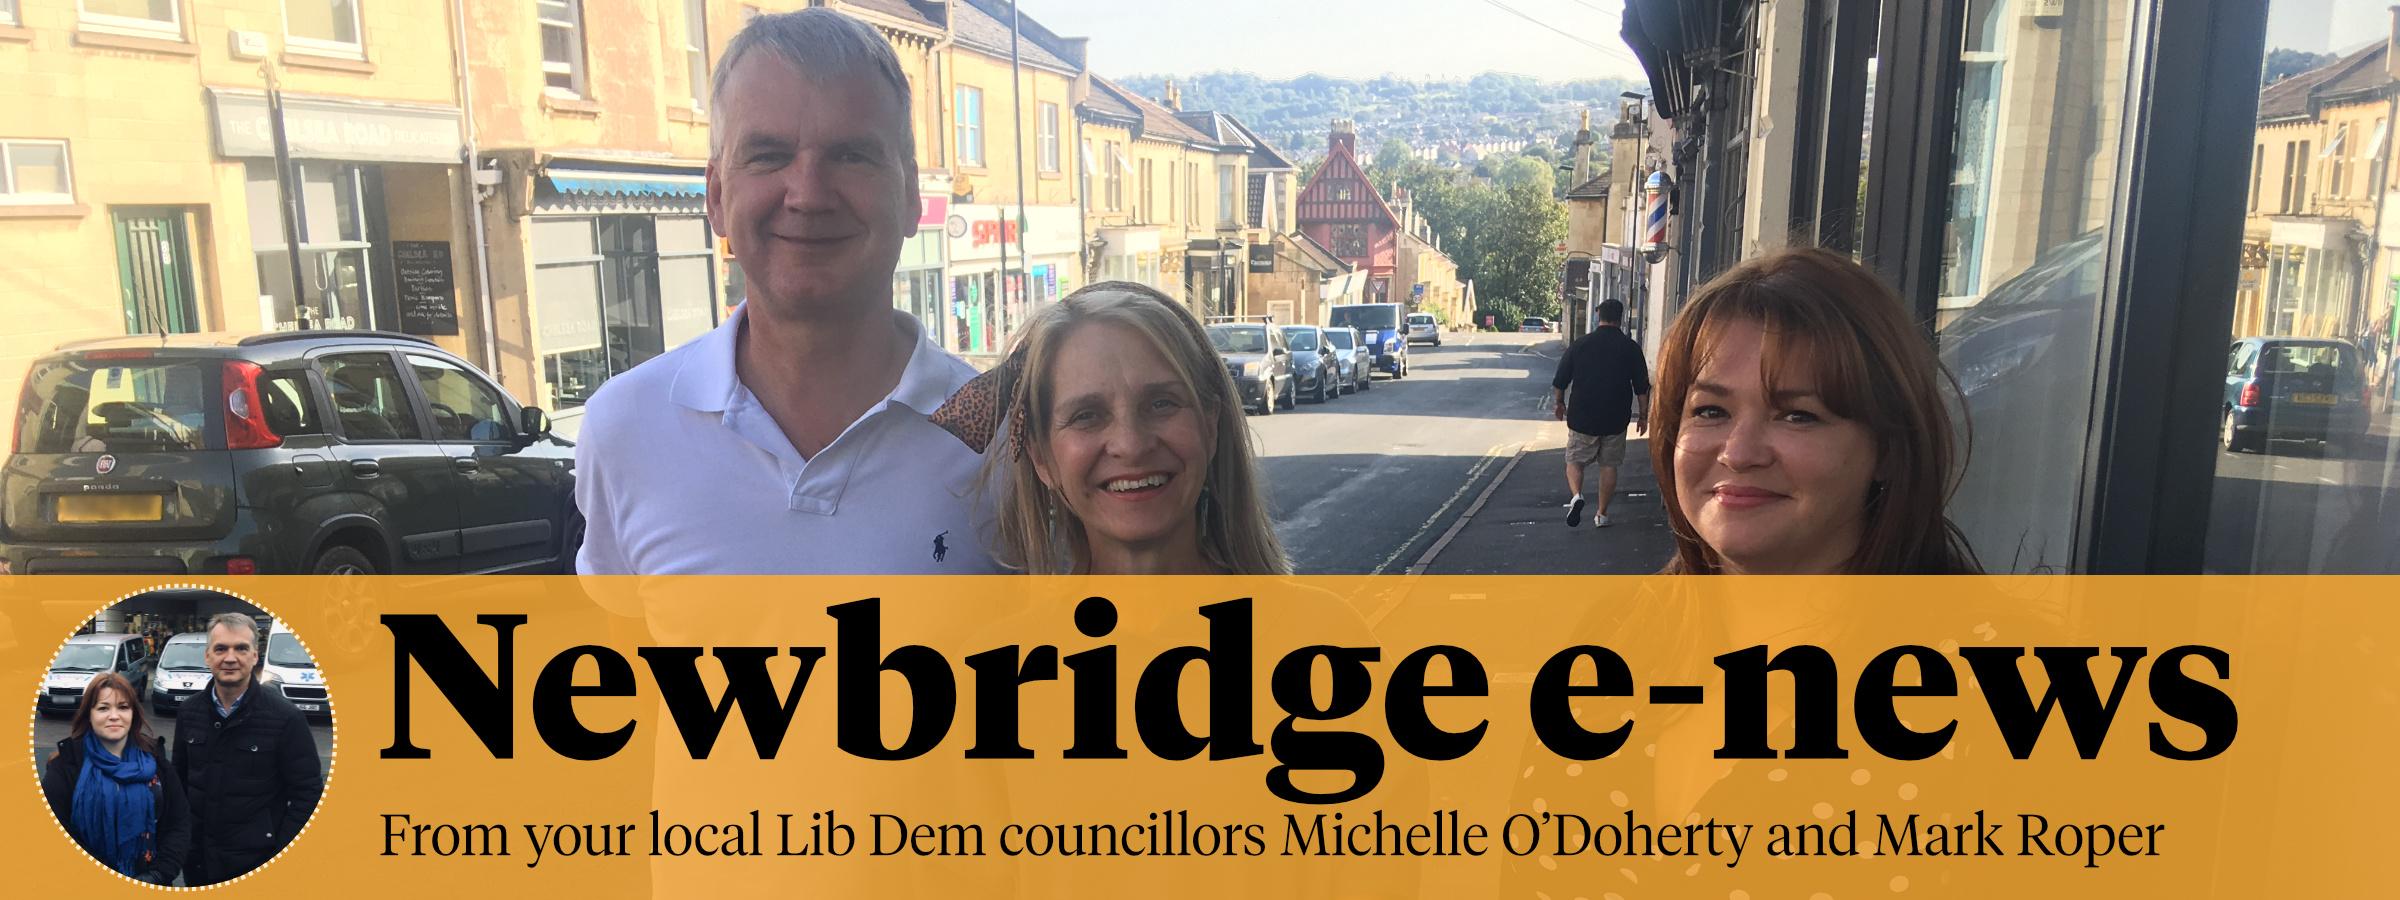 Newbridge_e-news.jpg